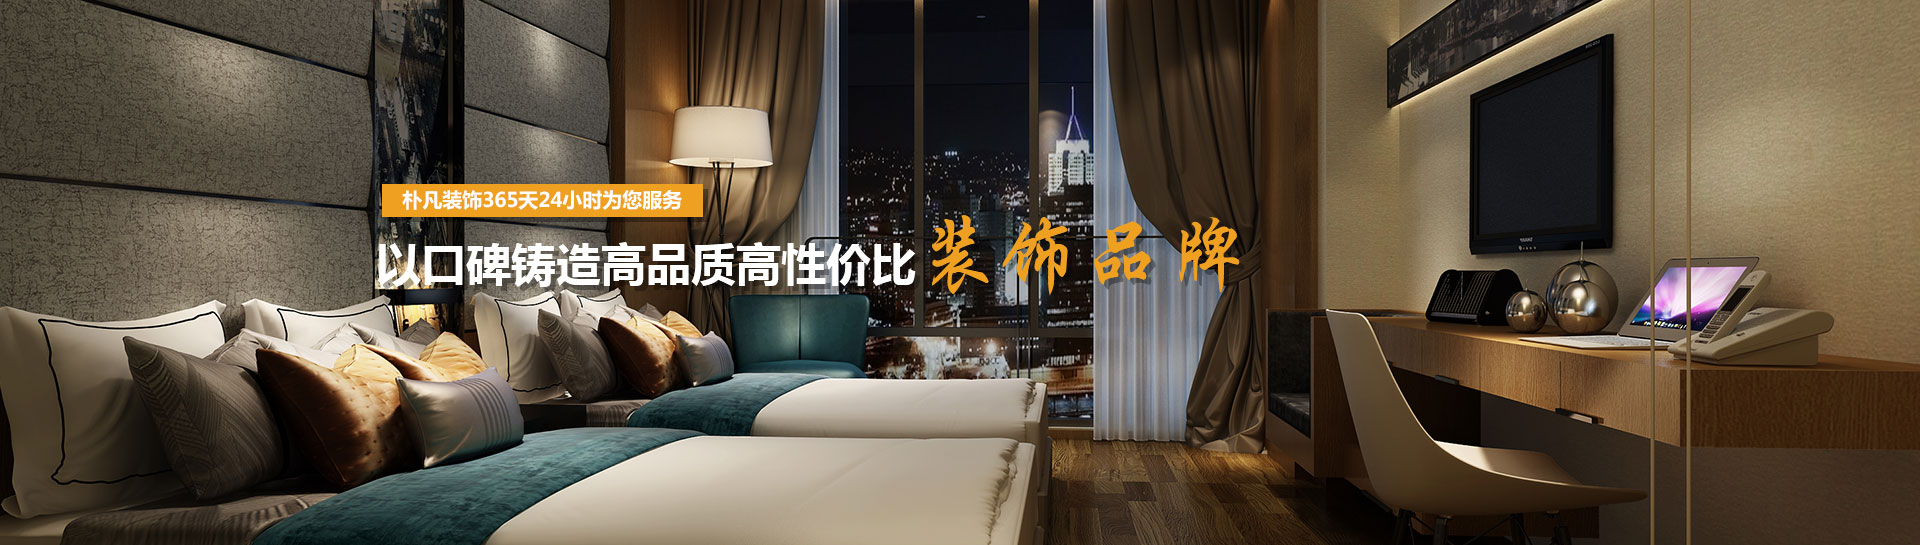 重庆江北装修公司